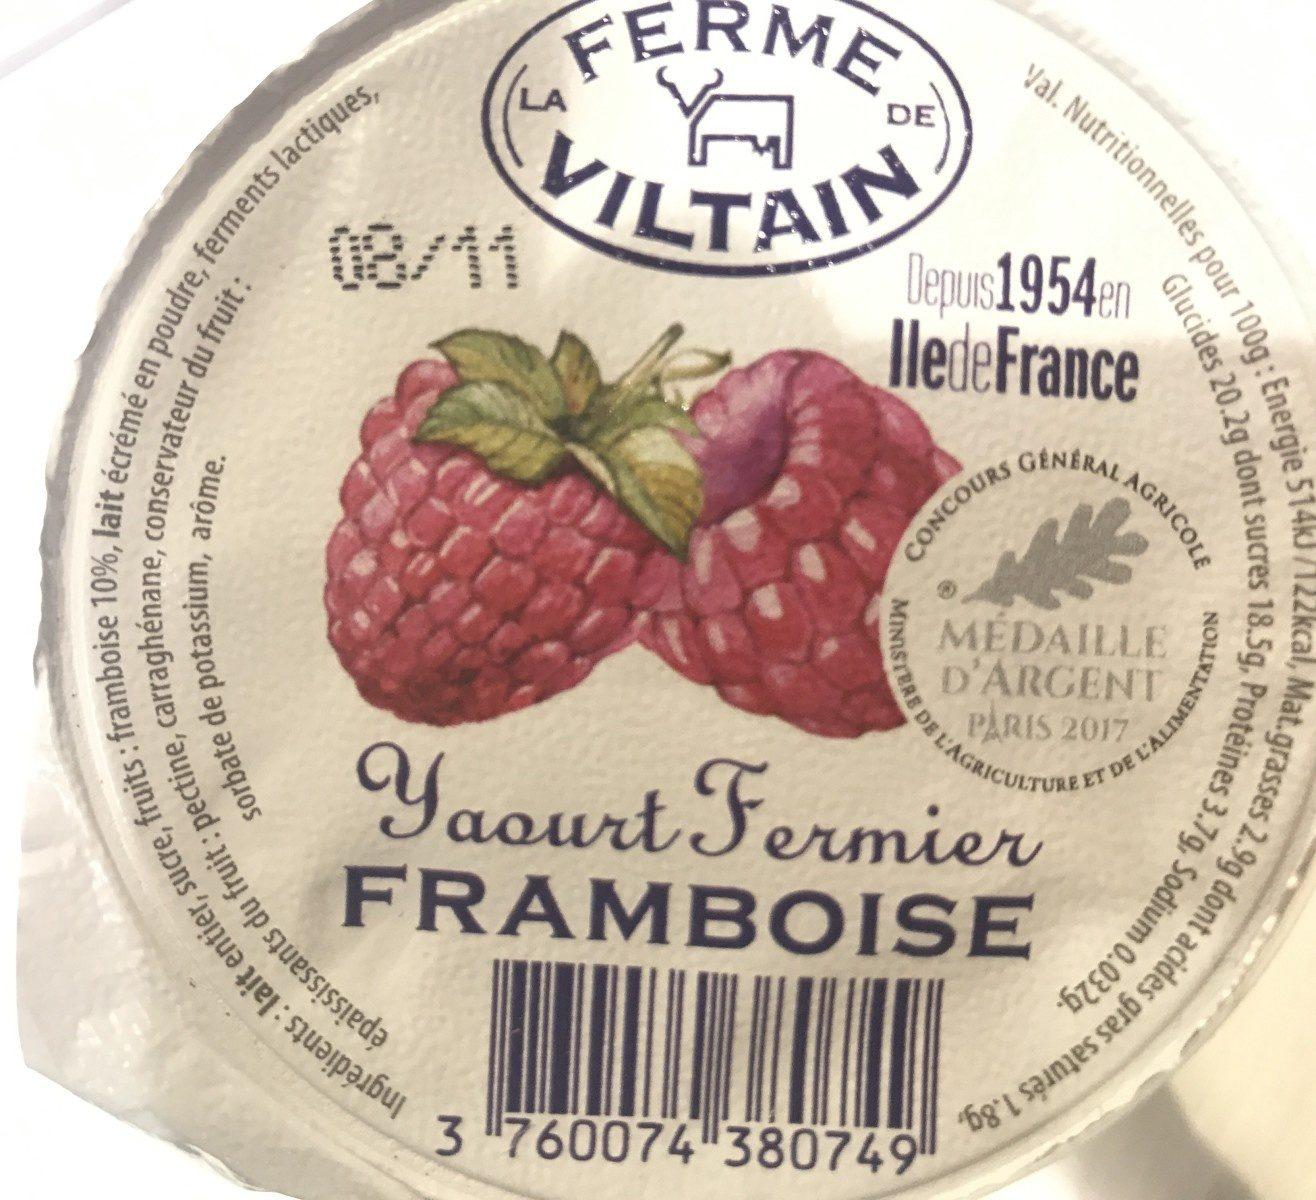 Yaourt fermier sur lit de framboise - Ingredients